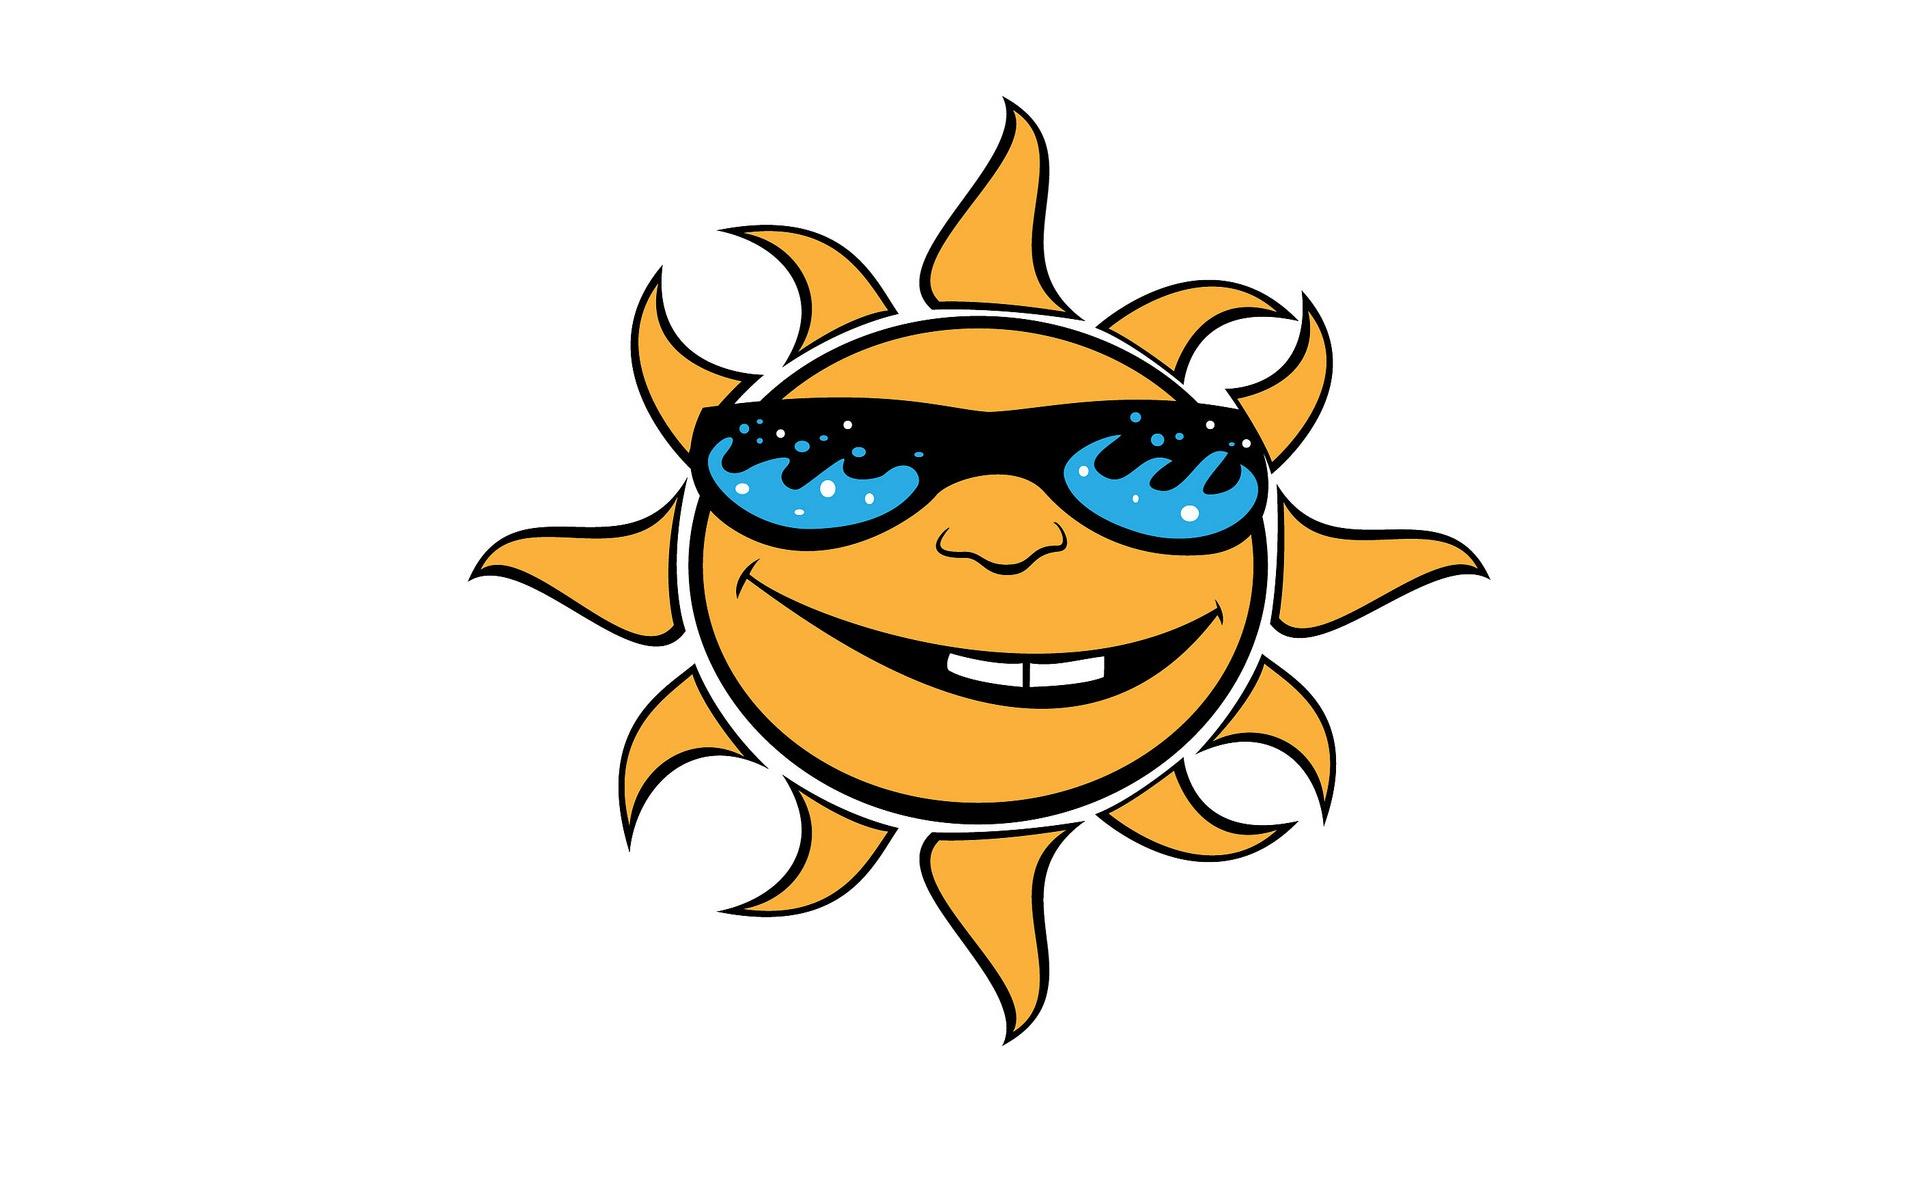 Смешное солнце рисунок, для презентации